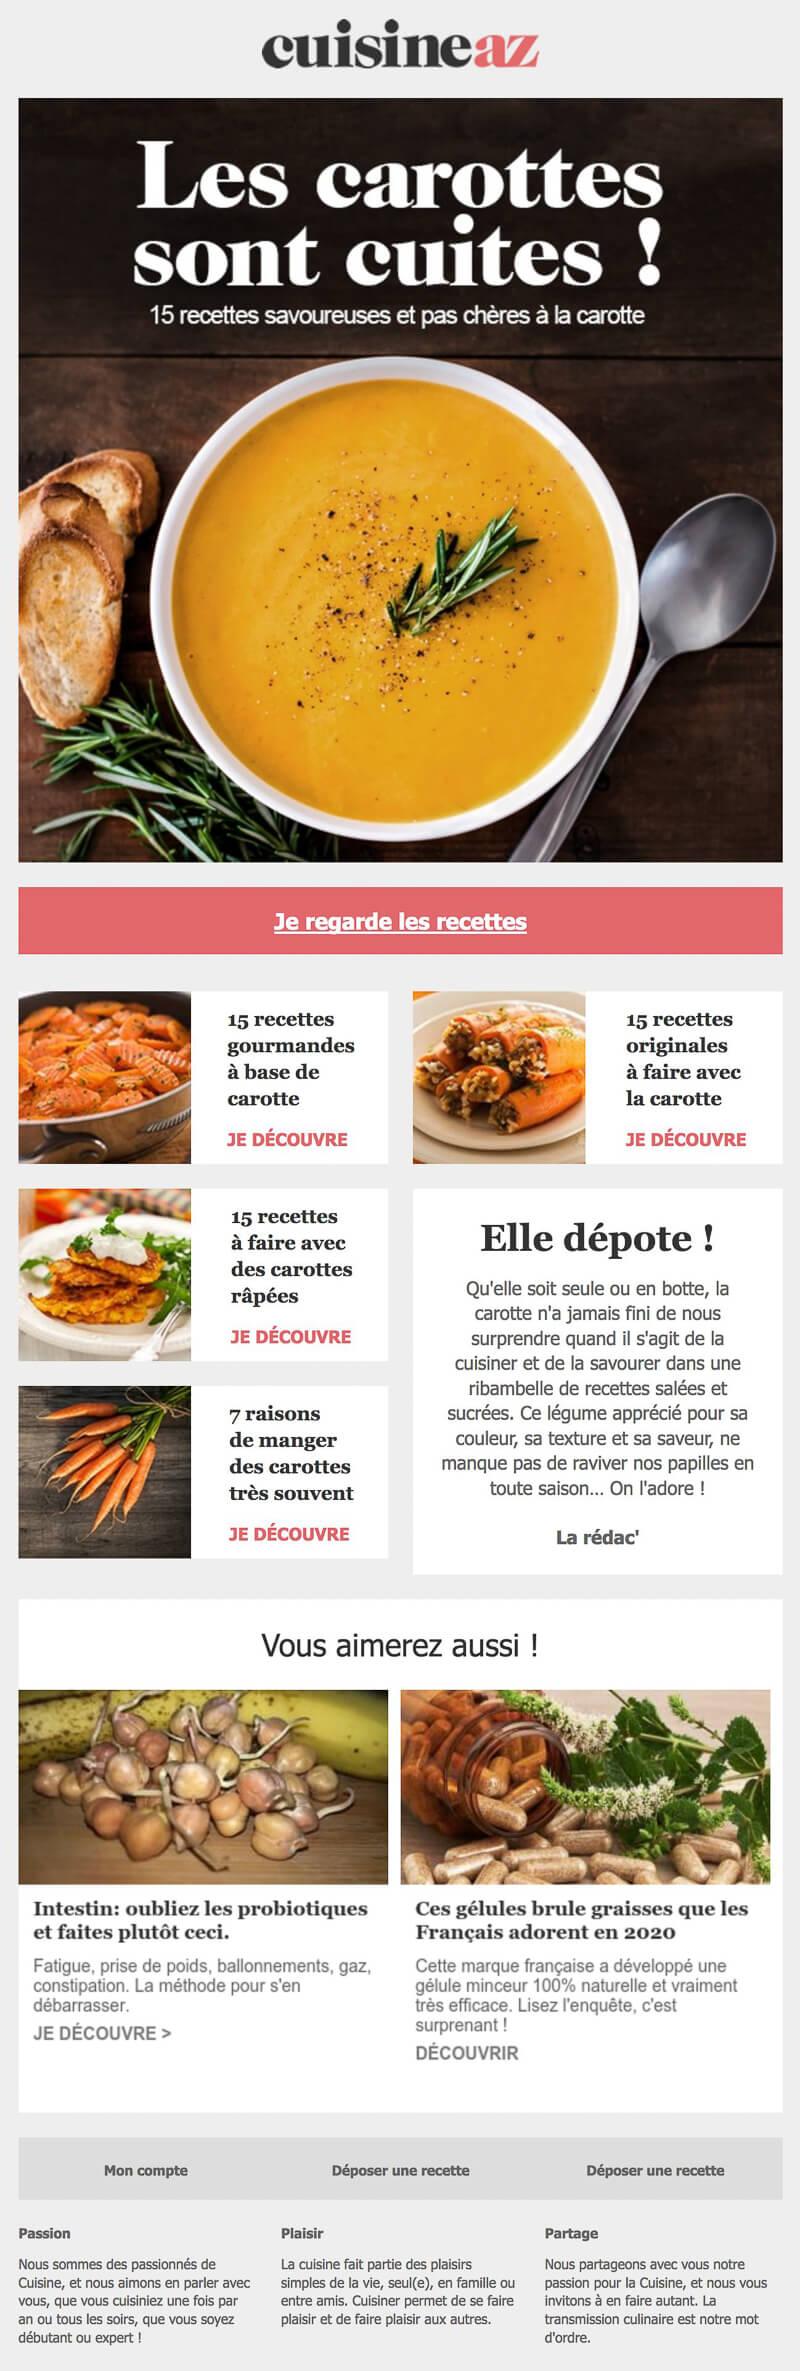 Newsletter CuisineAZ   Recevoir l'actualité du site de recettes de ...